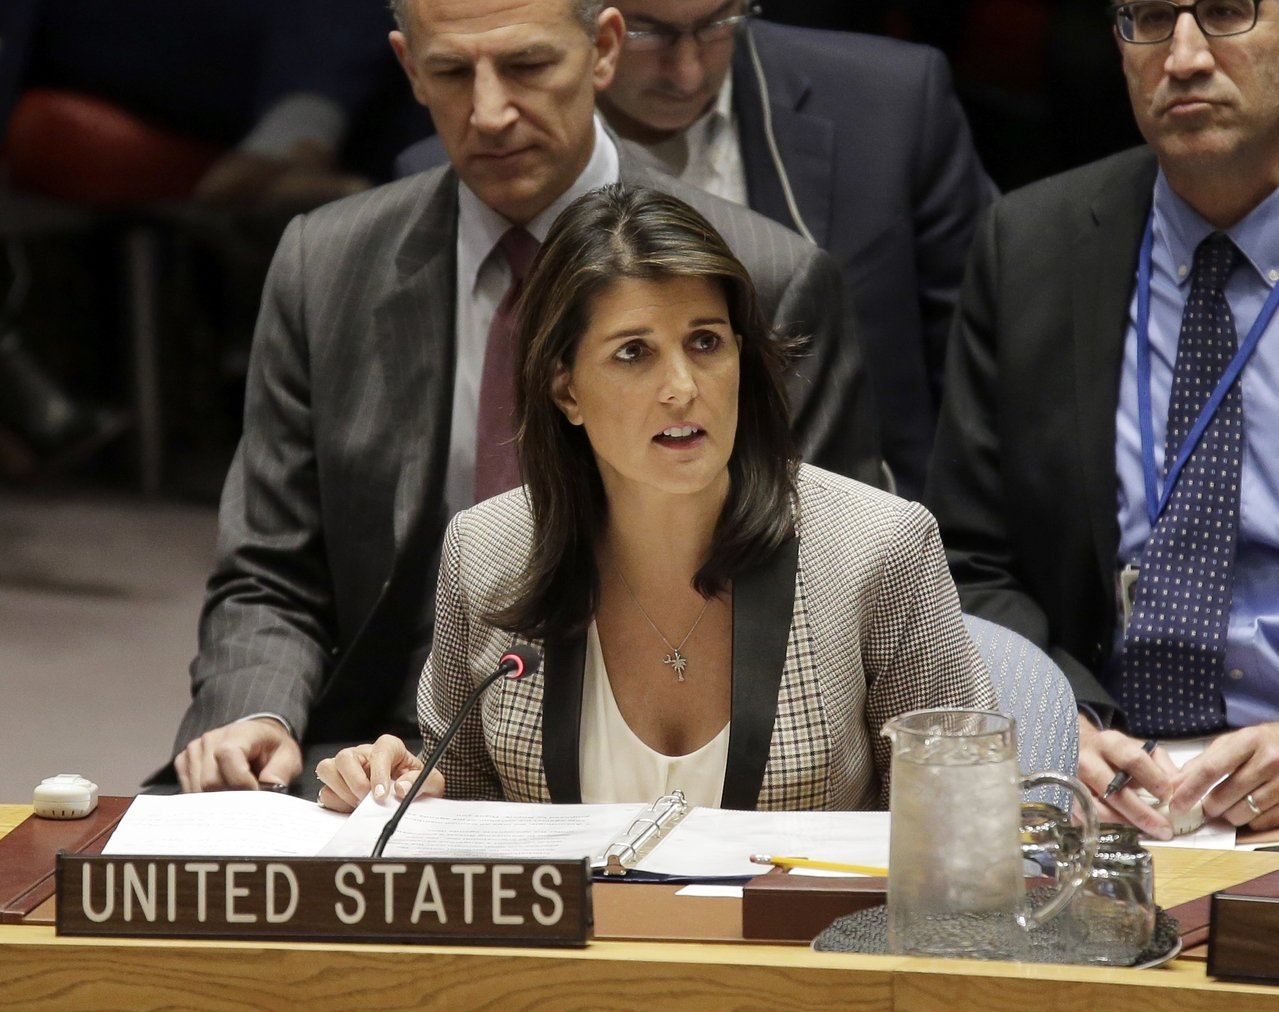 美國駐聯合國前大使海理推文批評總統川普。(美聯社)